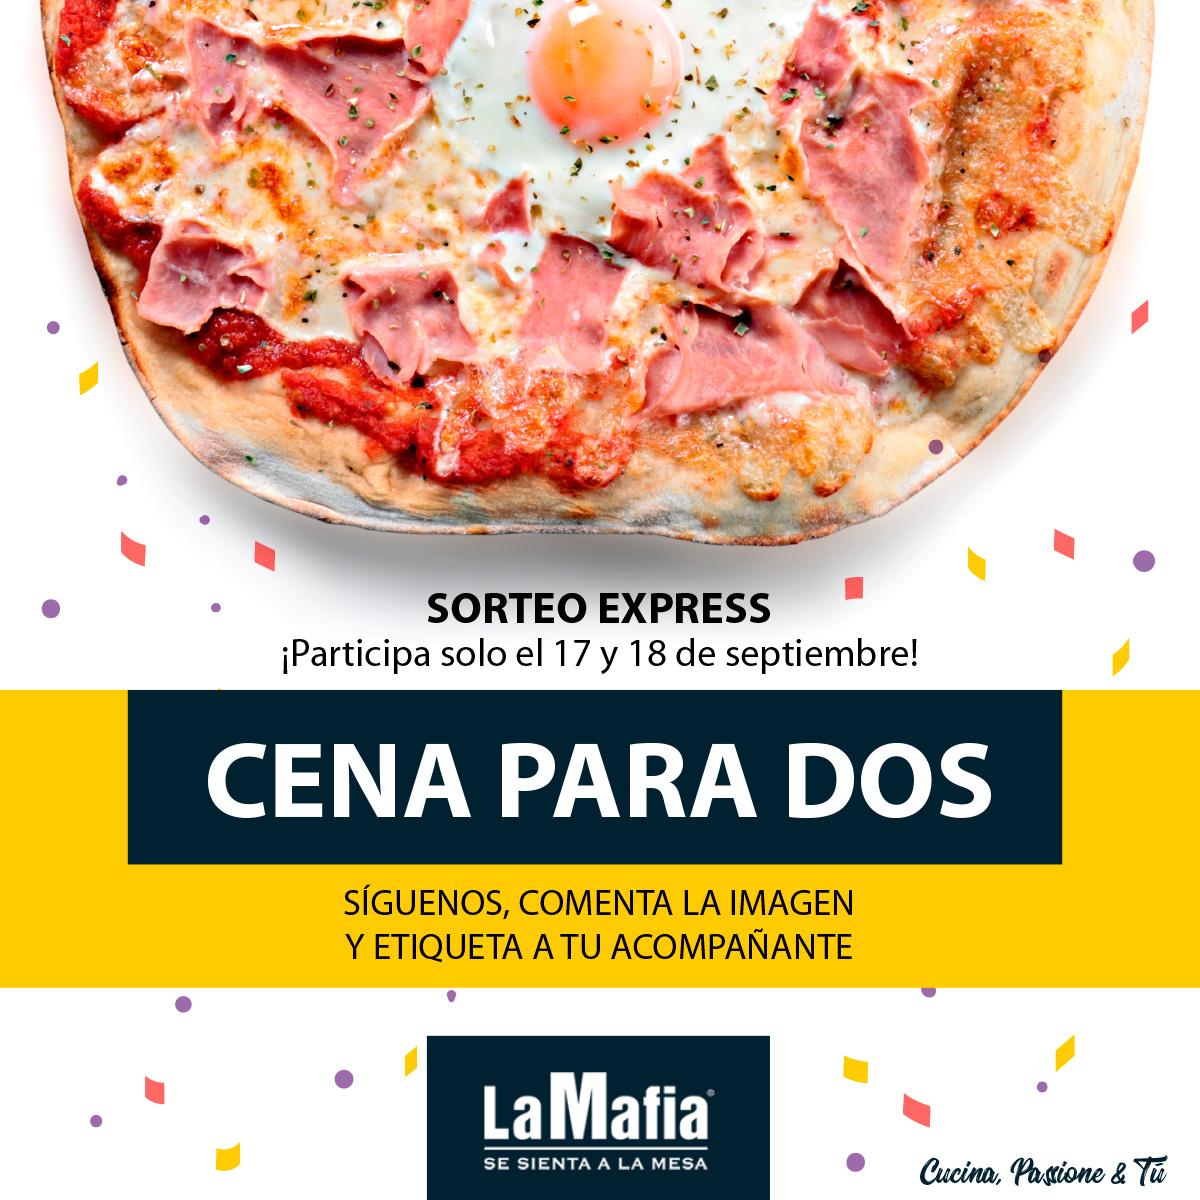 La Mafia se sienta a la mesa - Cena para dos - Septiembre 2018